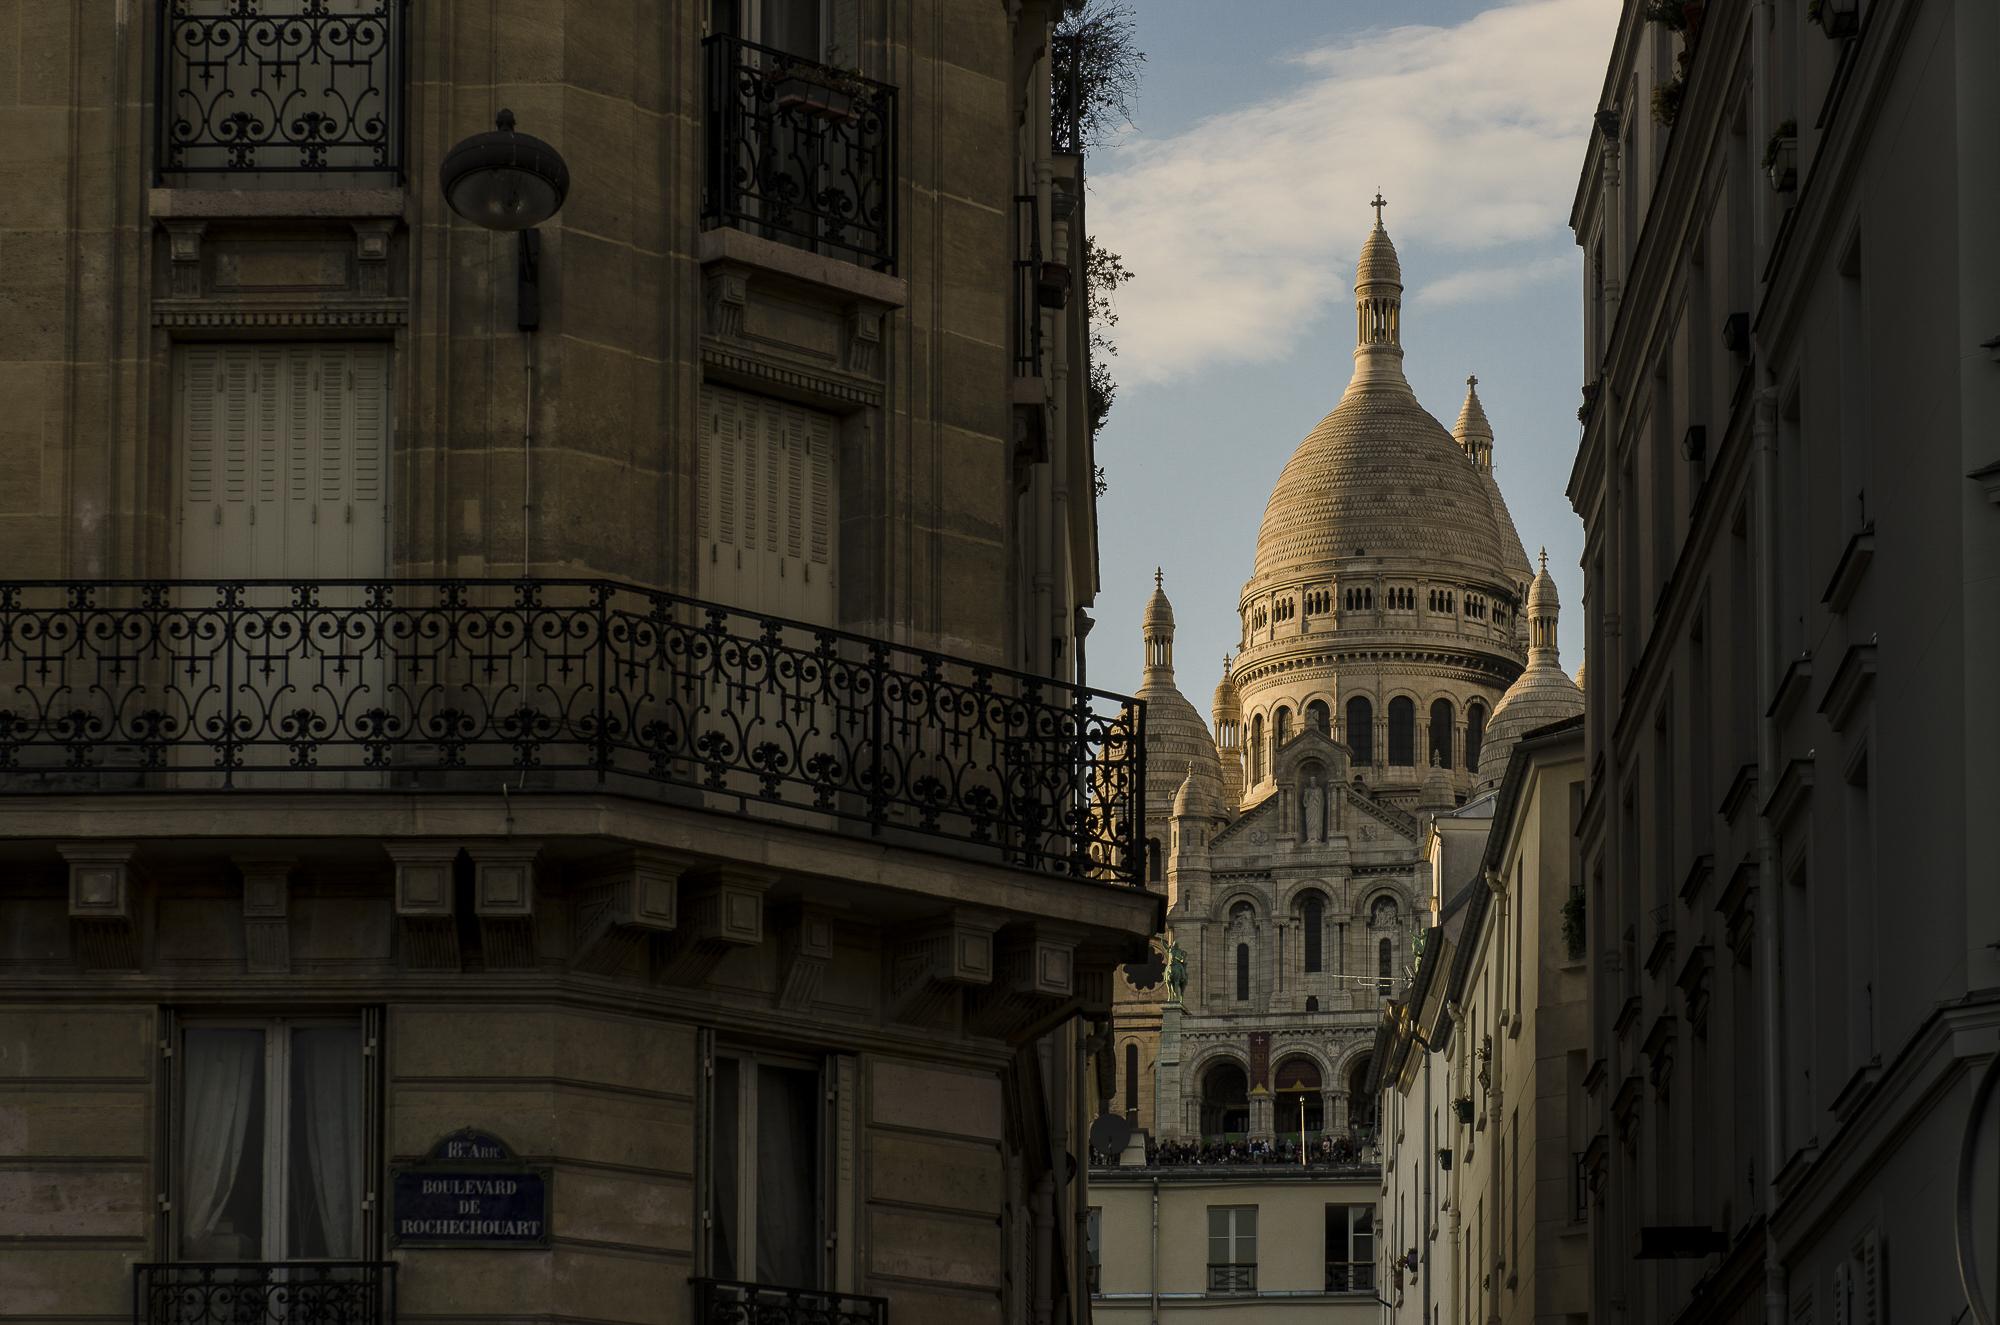 paris-extended-photo-tour-012.jpg